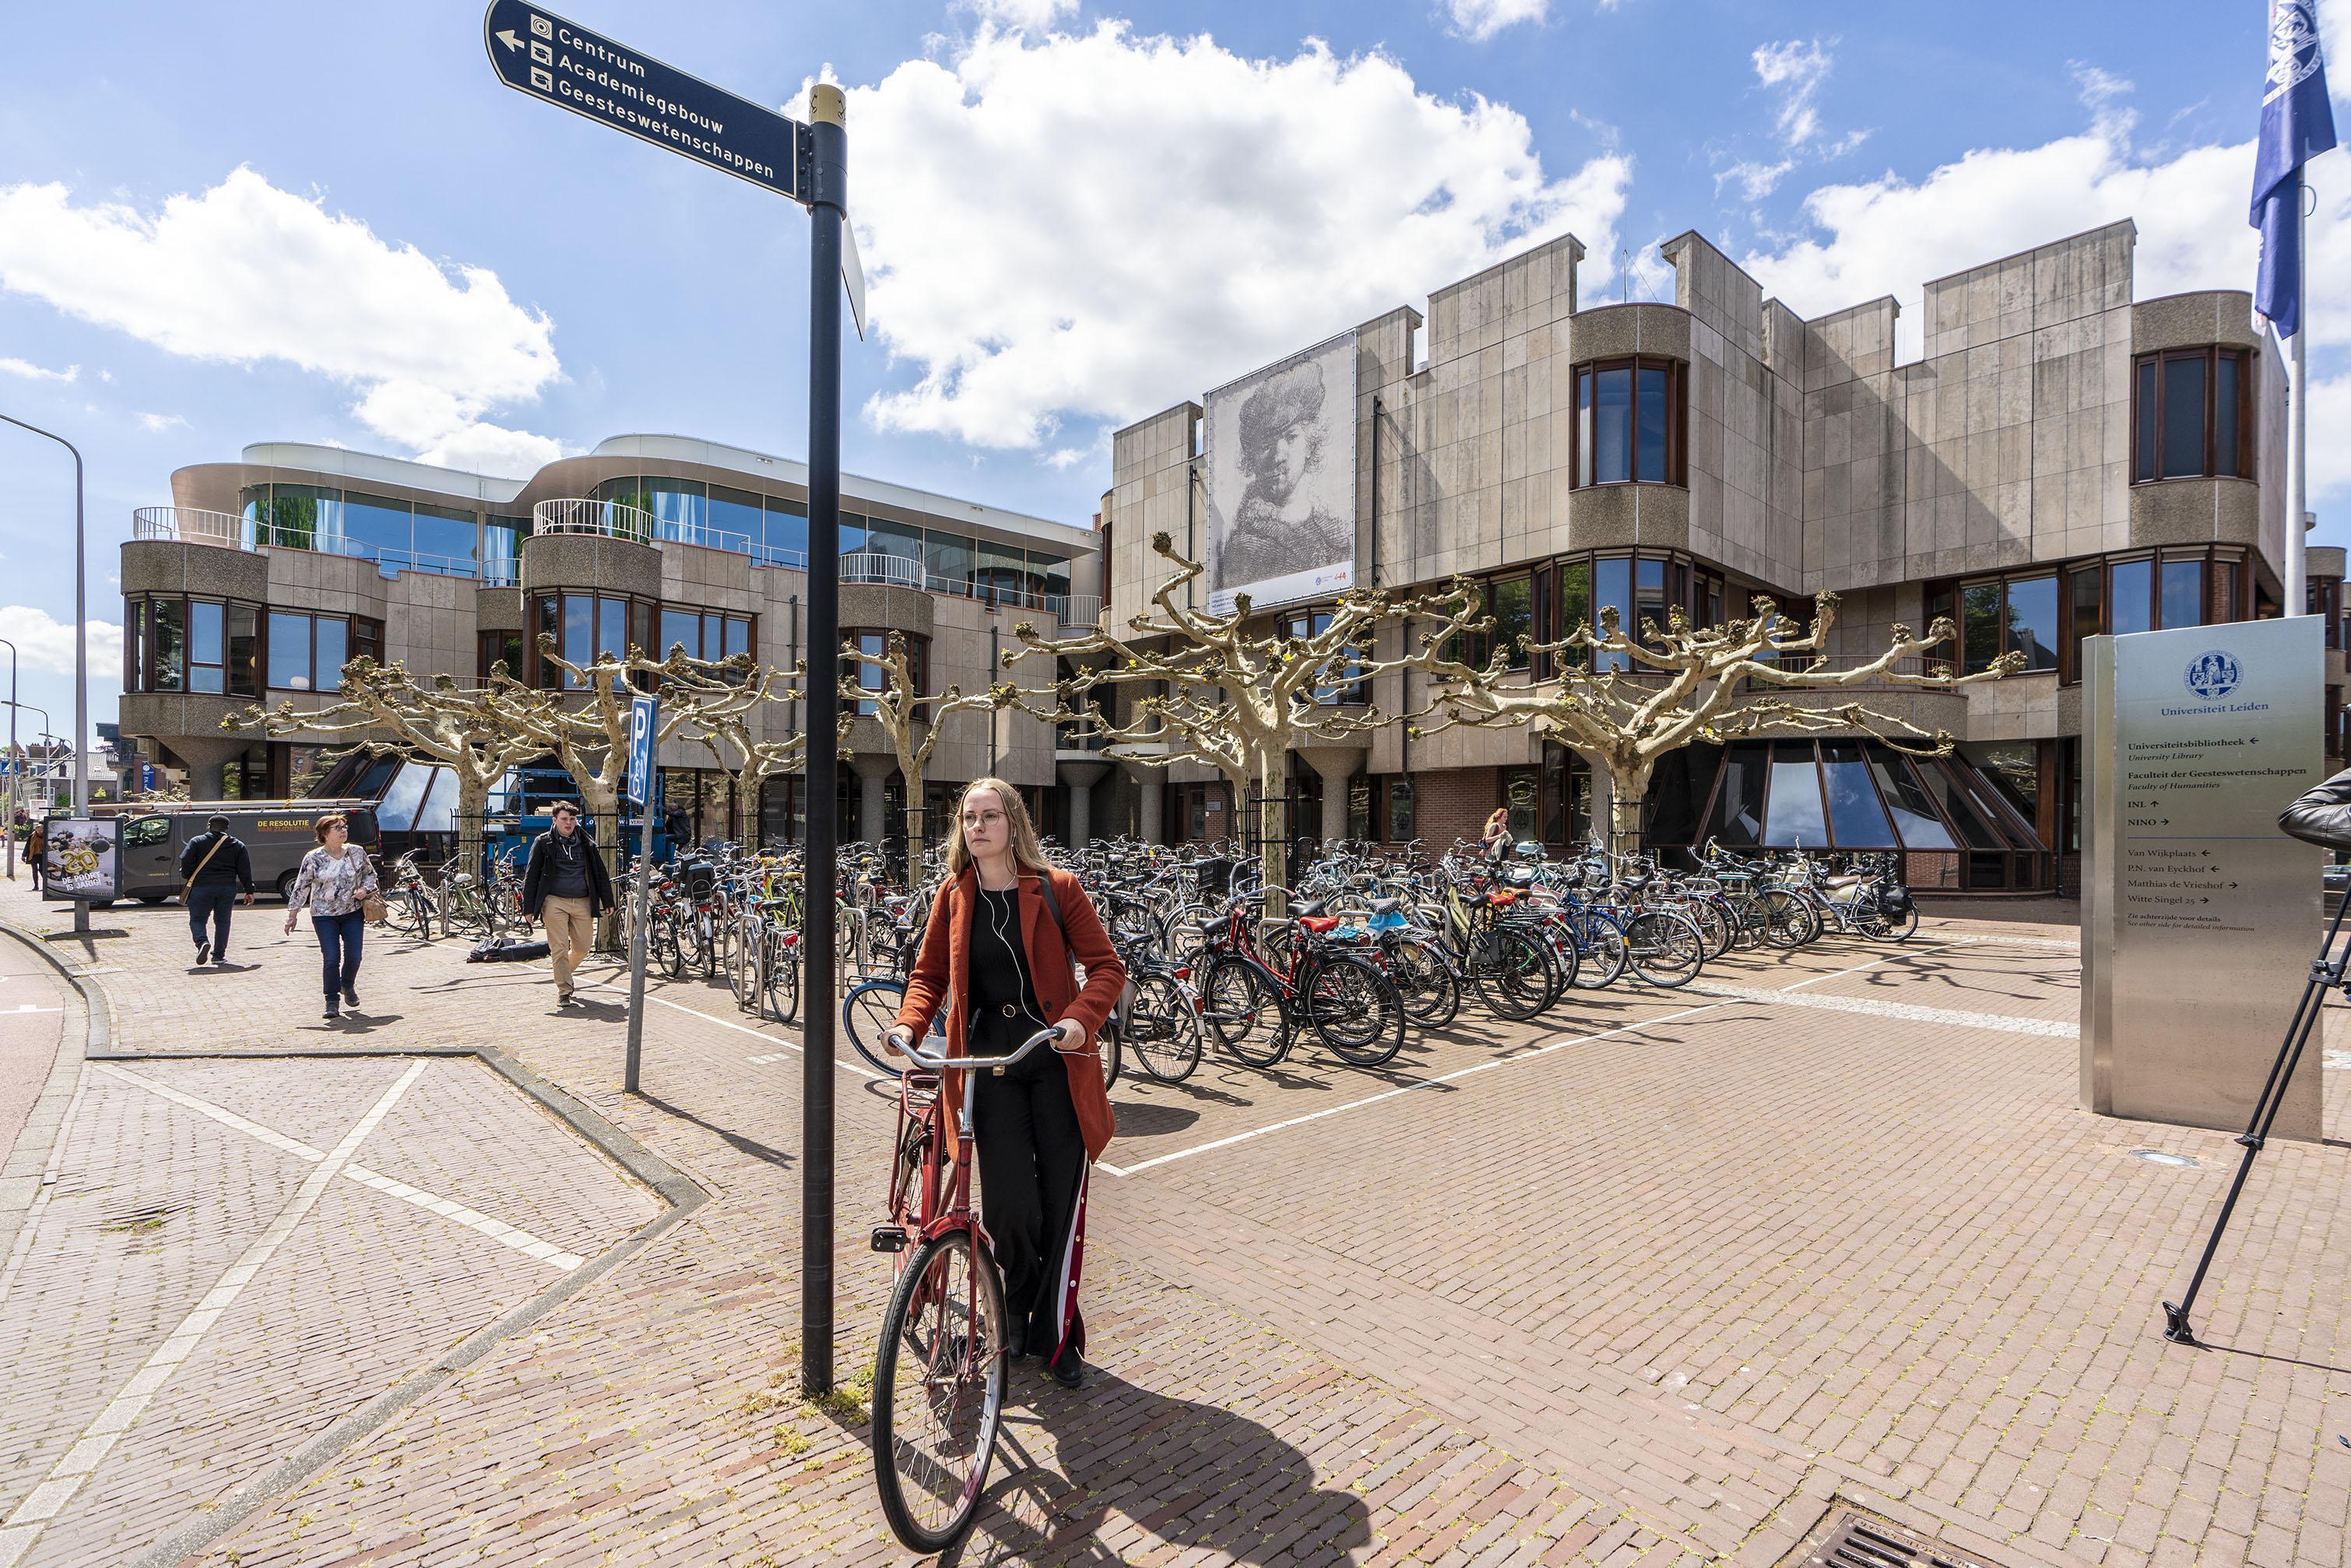 Zeven Rembrandts aan gevels universiteit